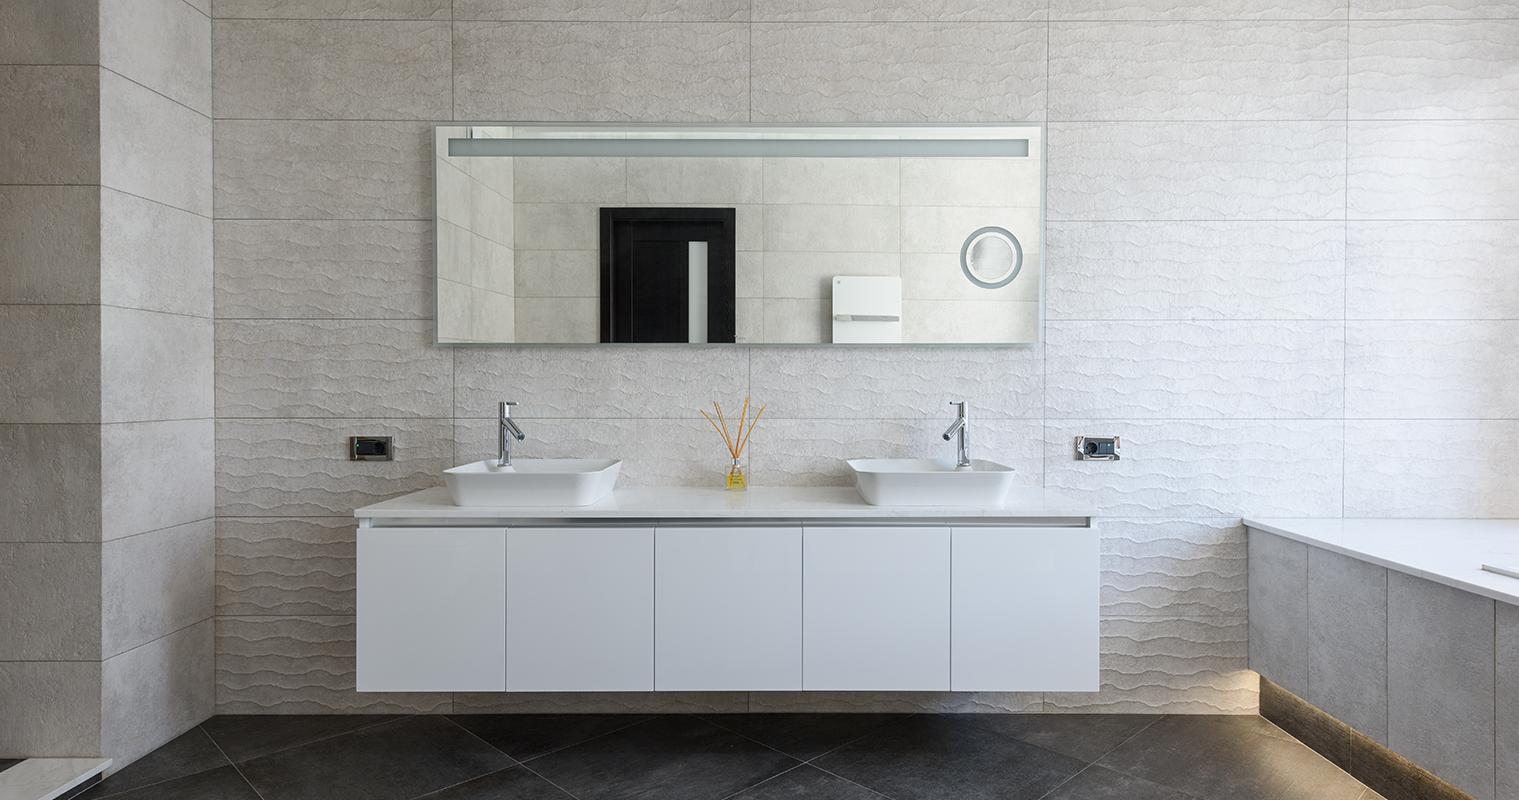 Arredo bagno moderno: 3 consigli di cui non potrai fare a meno